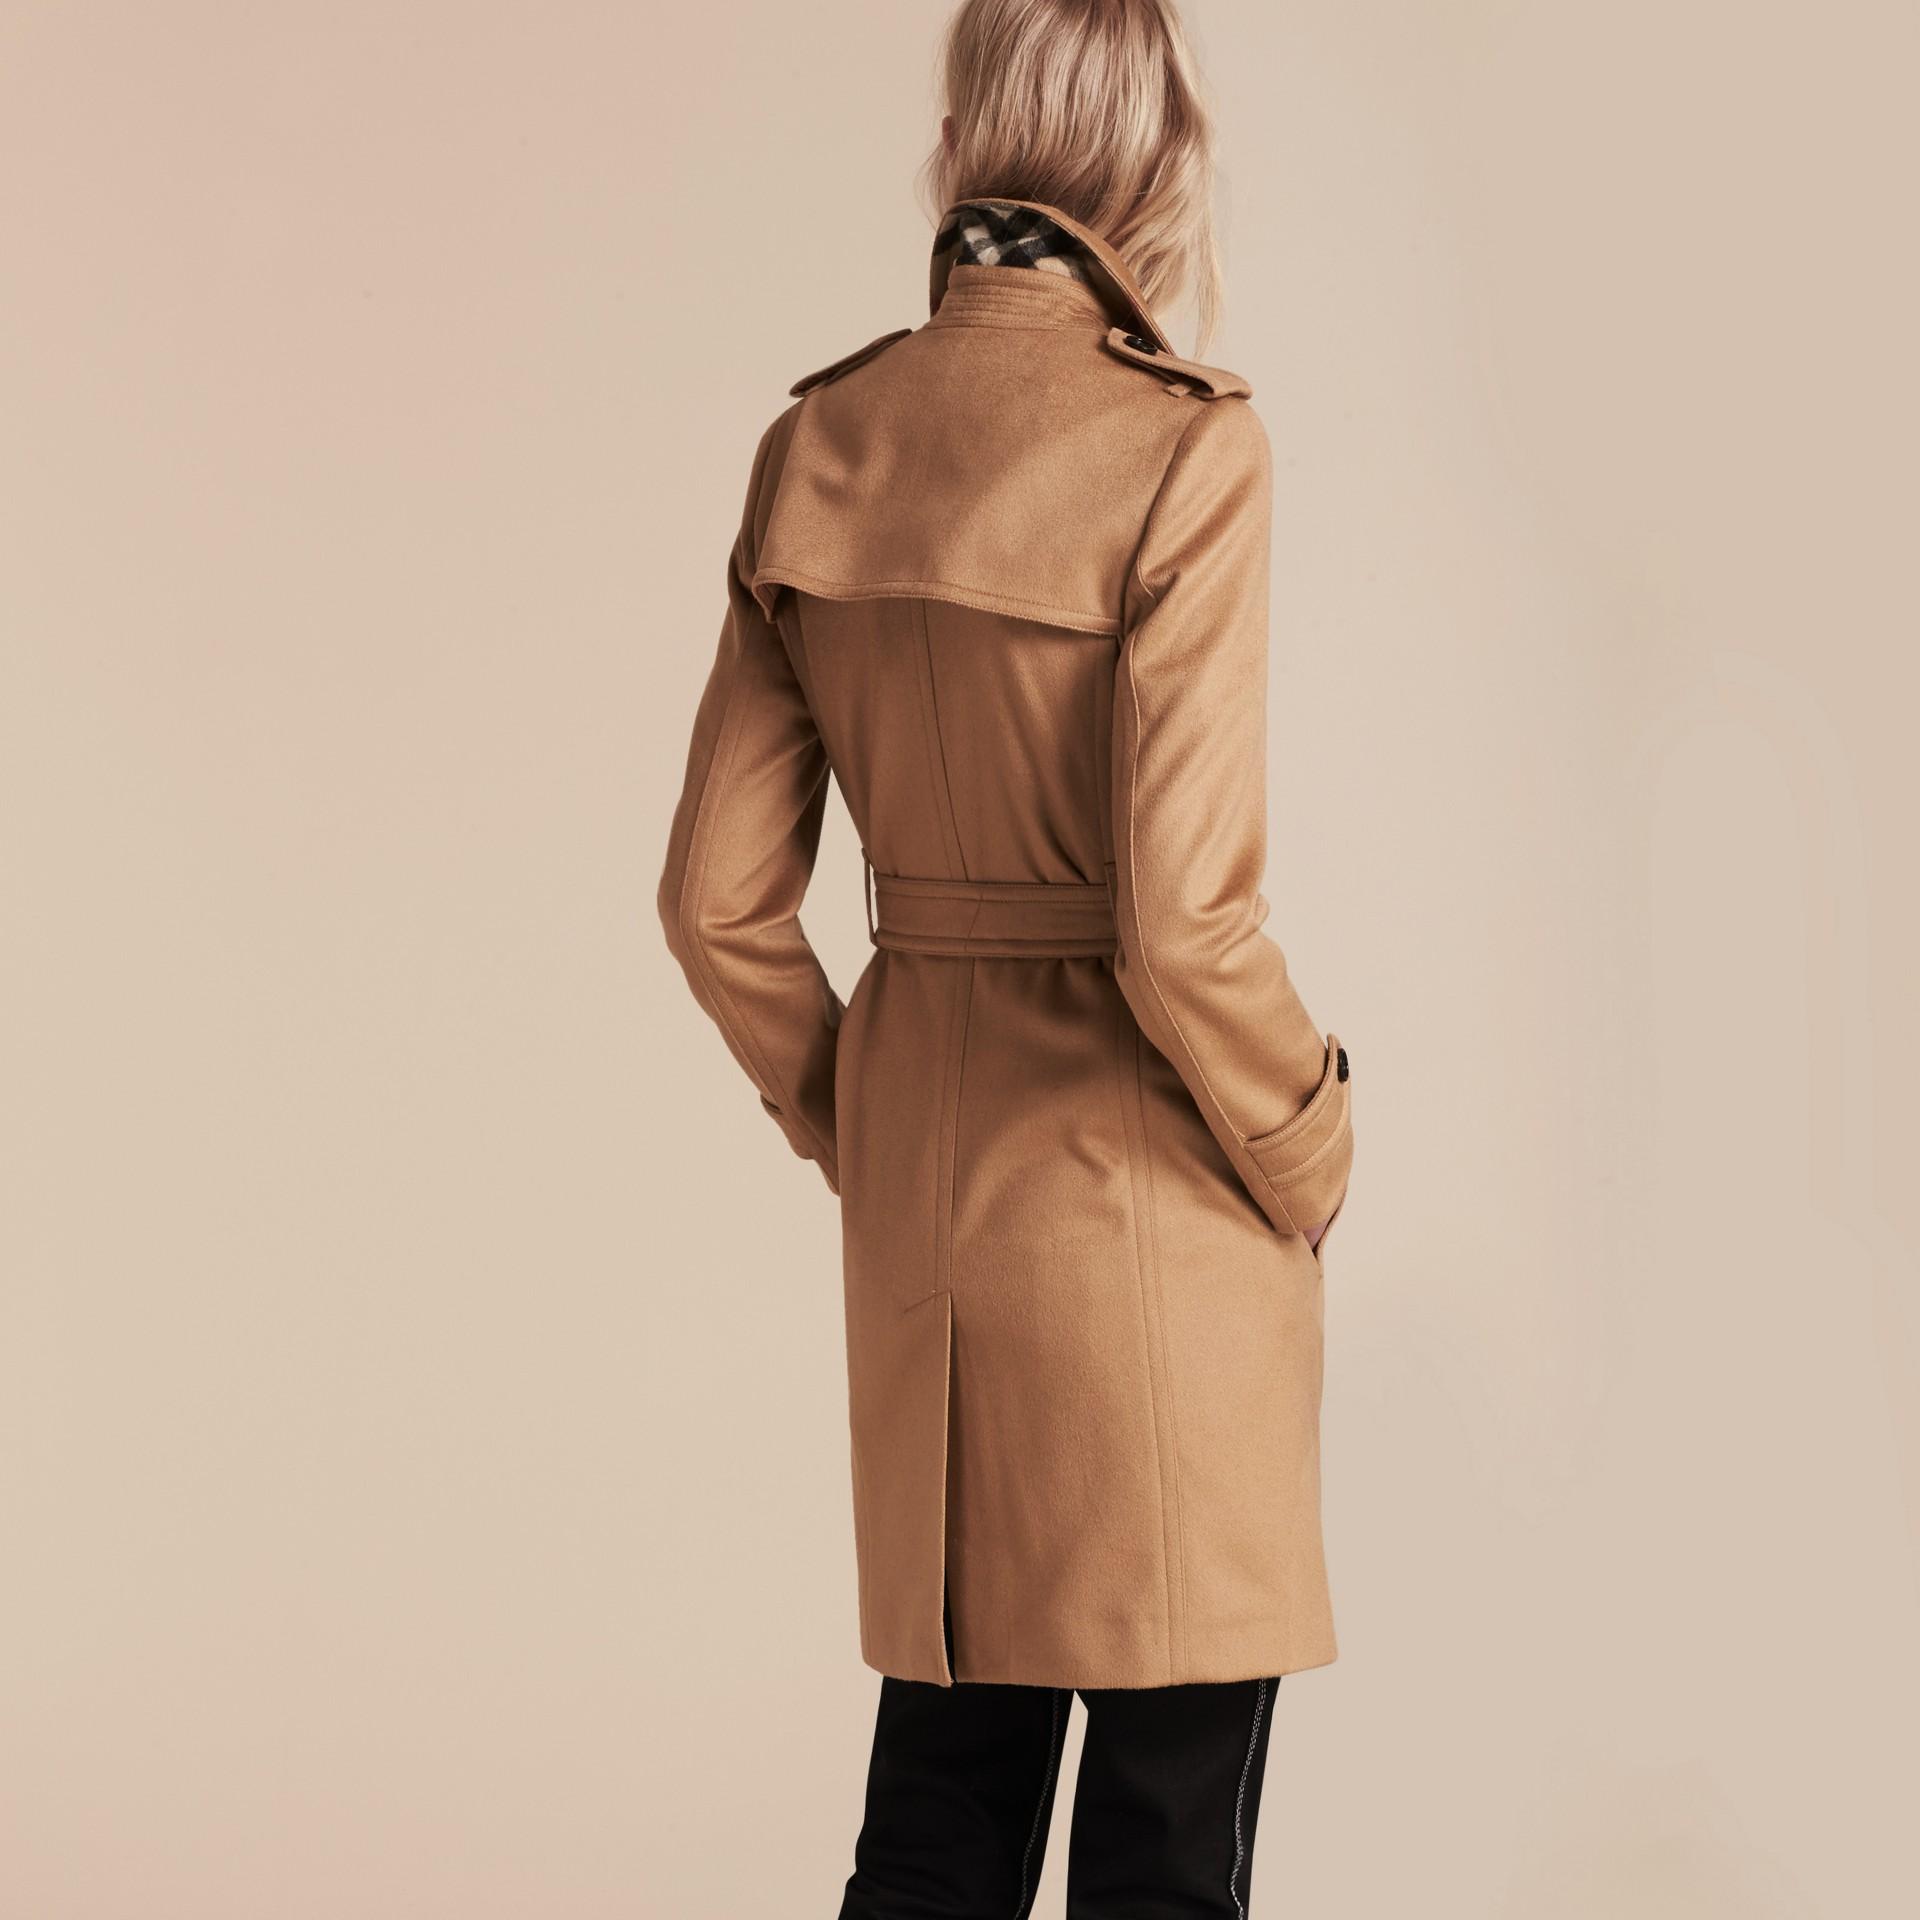 Camel Trench-coat portefeuille en cachemire Camel - photo de la galerie 3